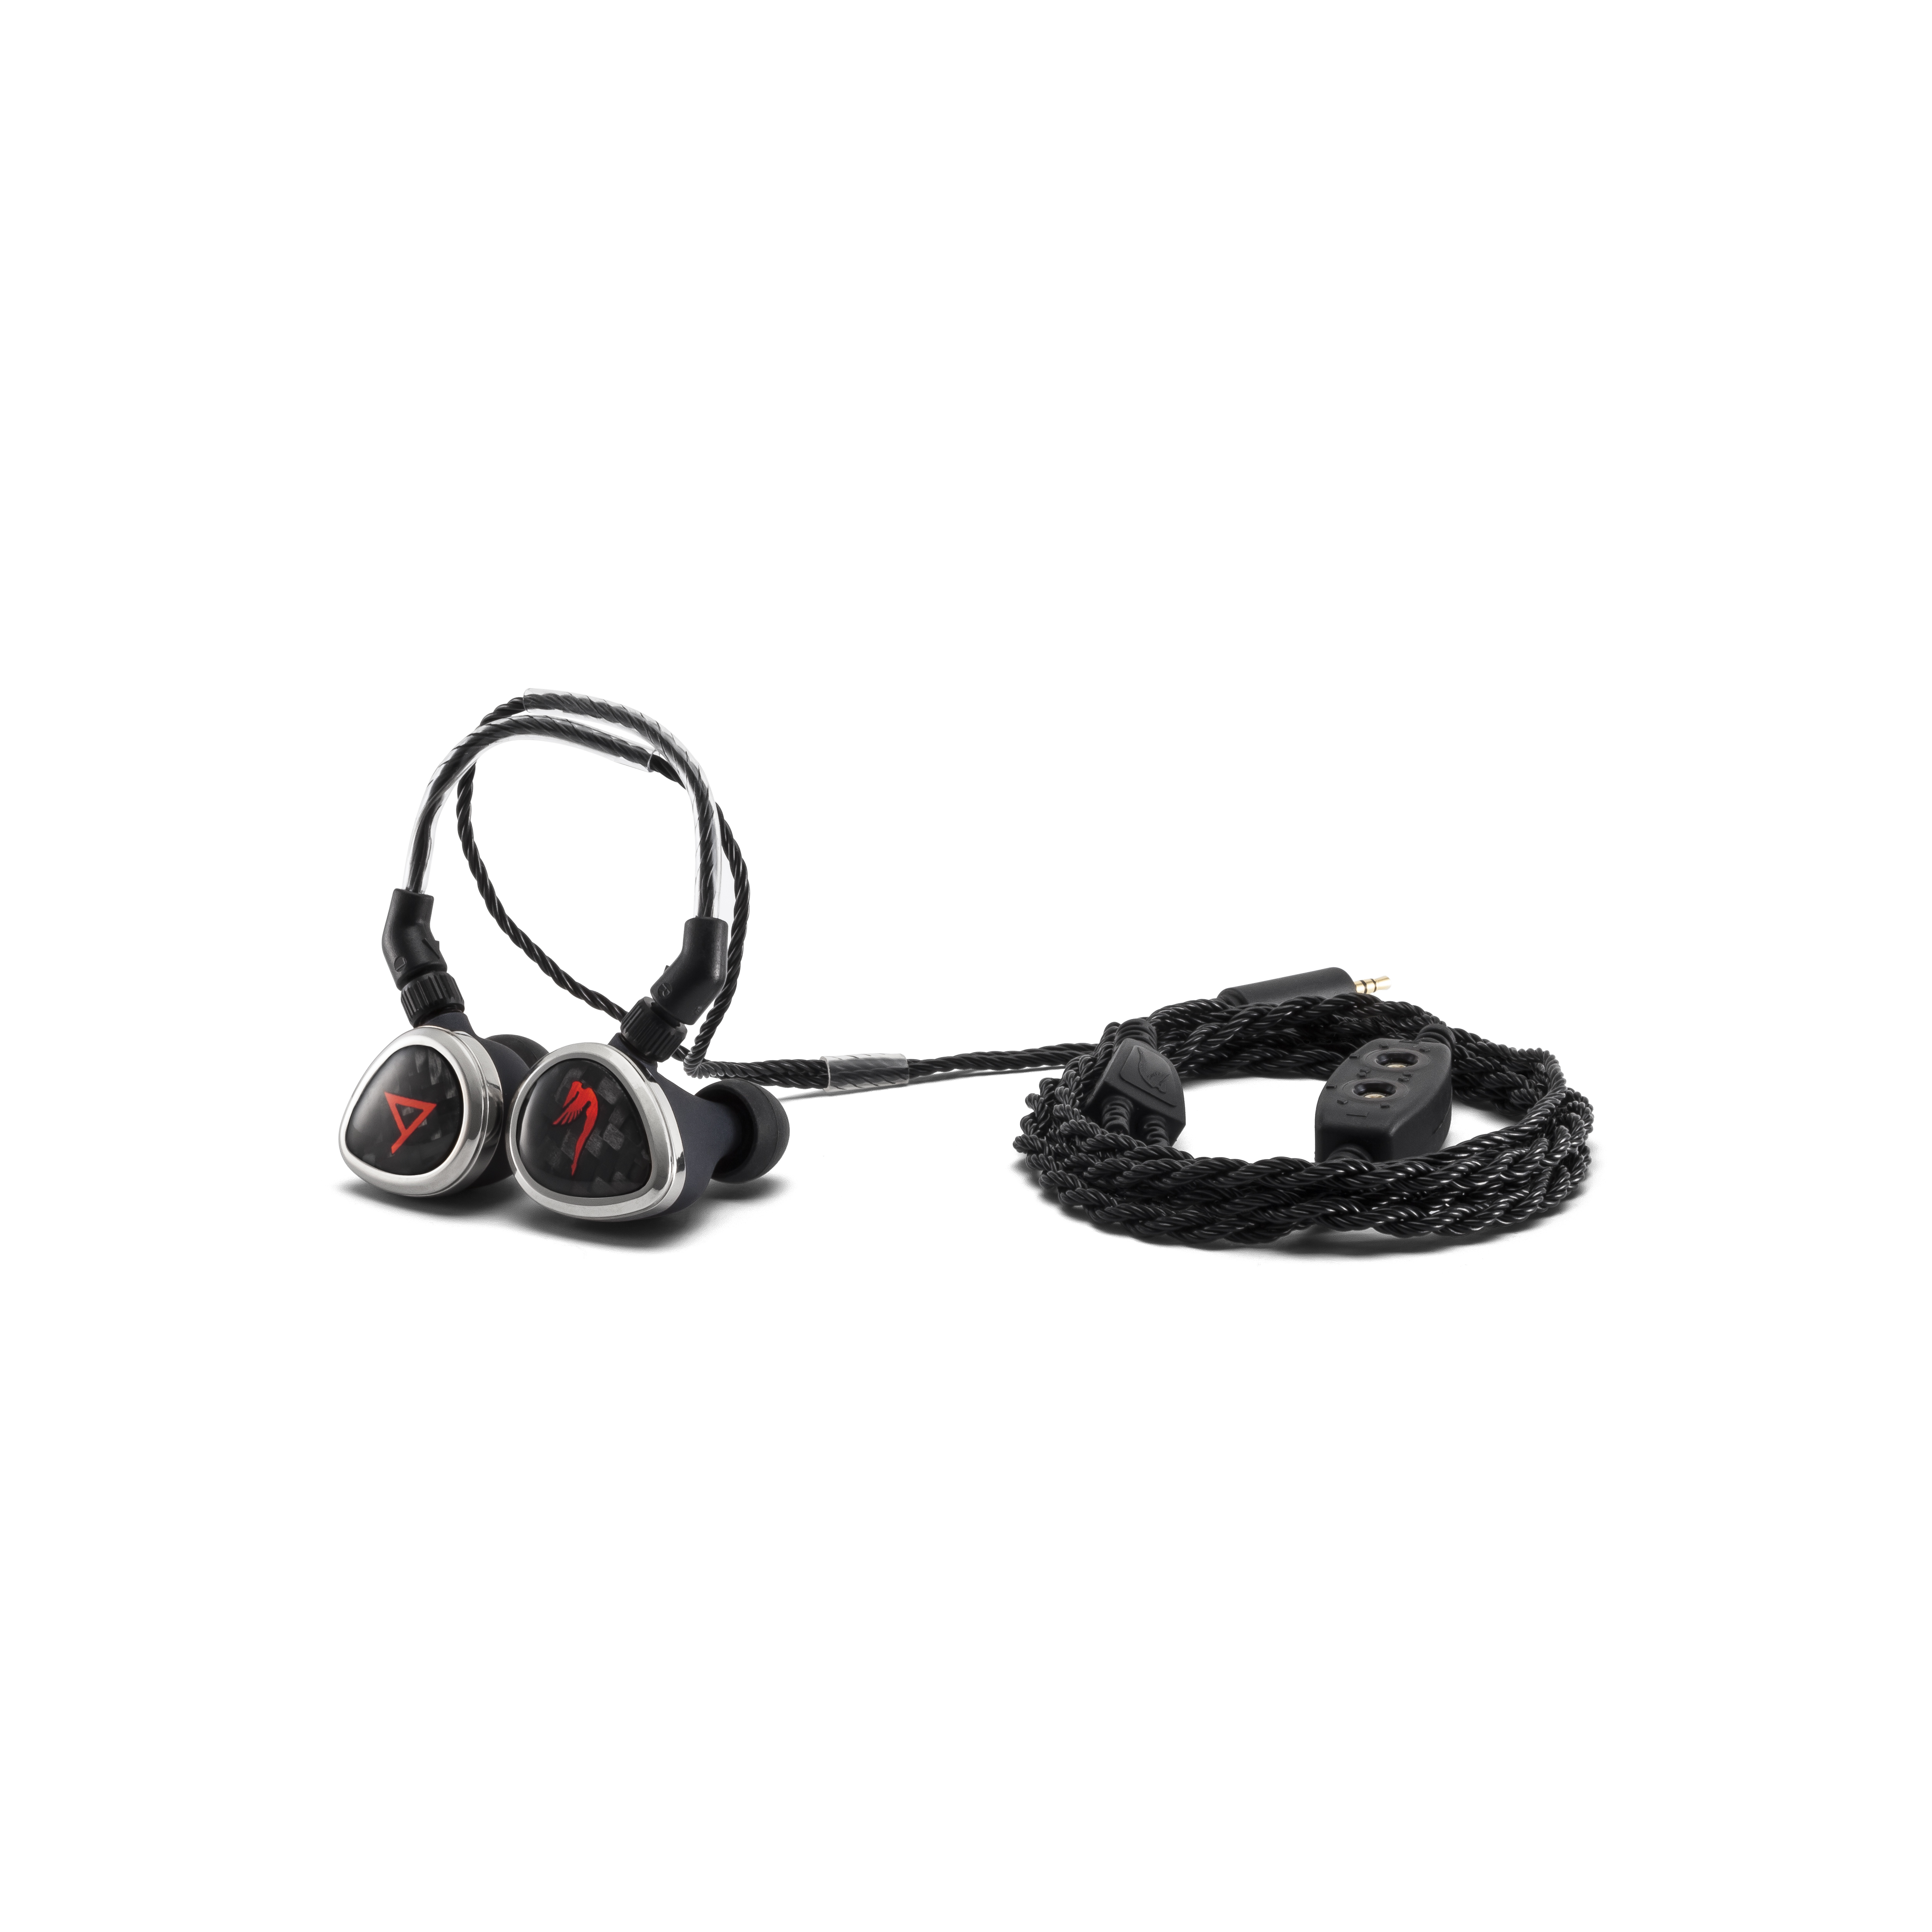 Astell & Kern Roxanne II In-Ear Monitors